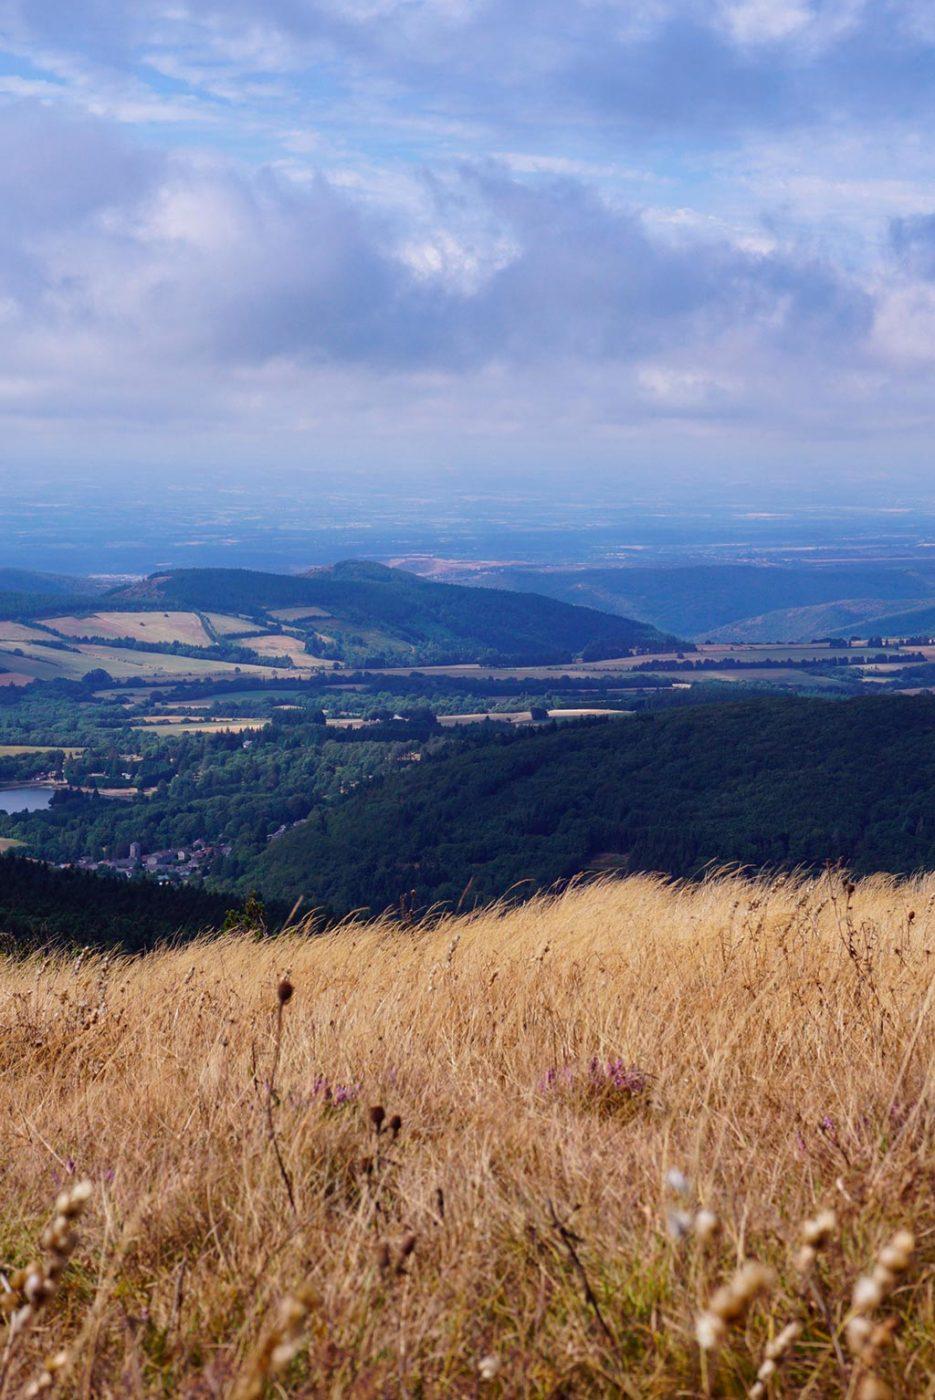 Photographie depuis le pic de Nore, point culminant de la Montagne Noire